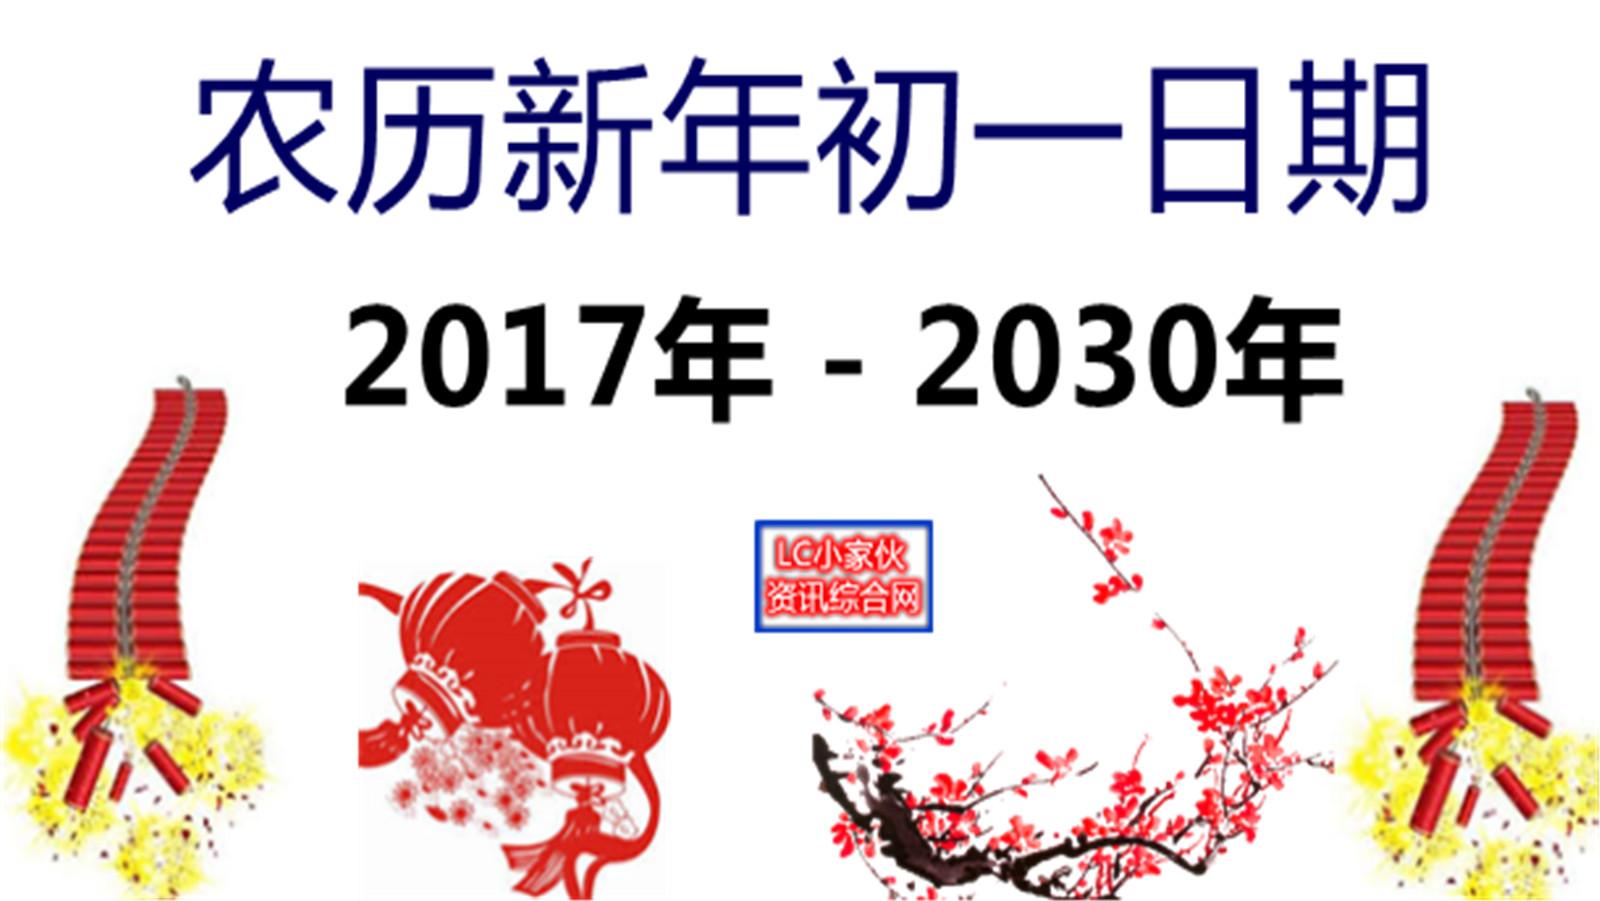 2017年 – 2030年農歷新年日期   LC 小傢伙綜合網